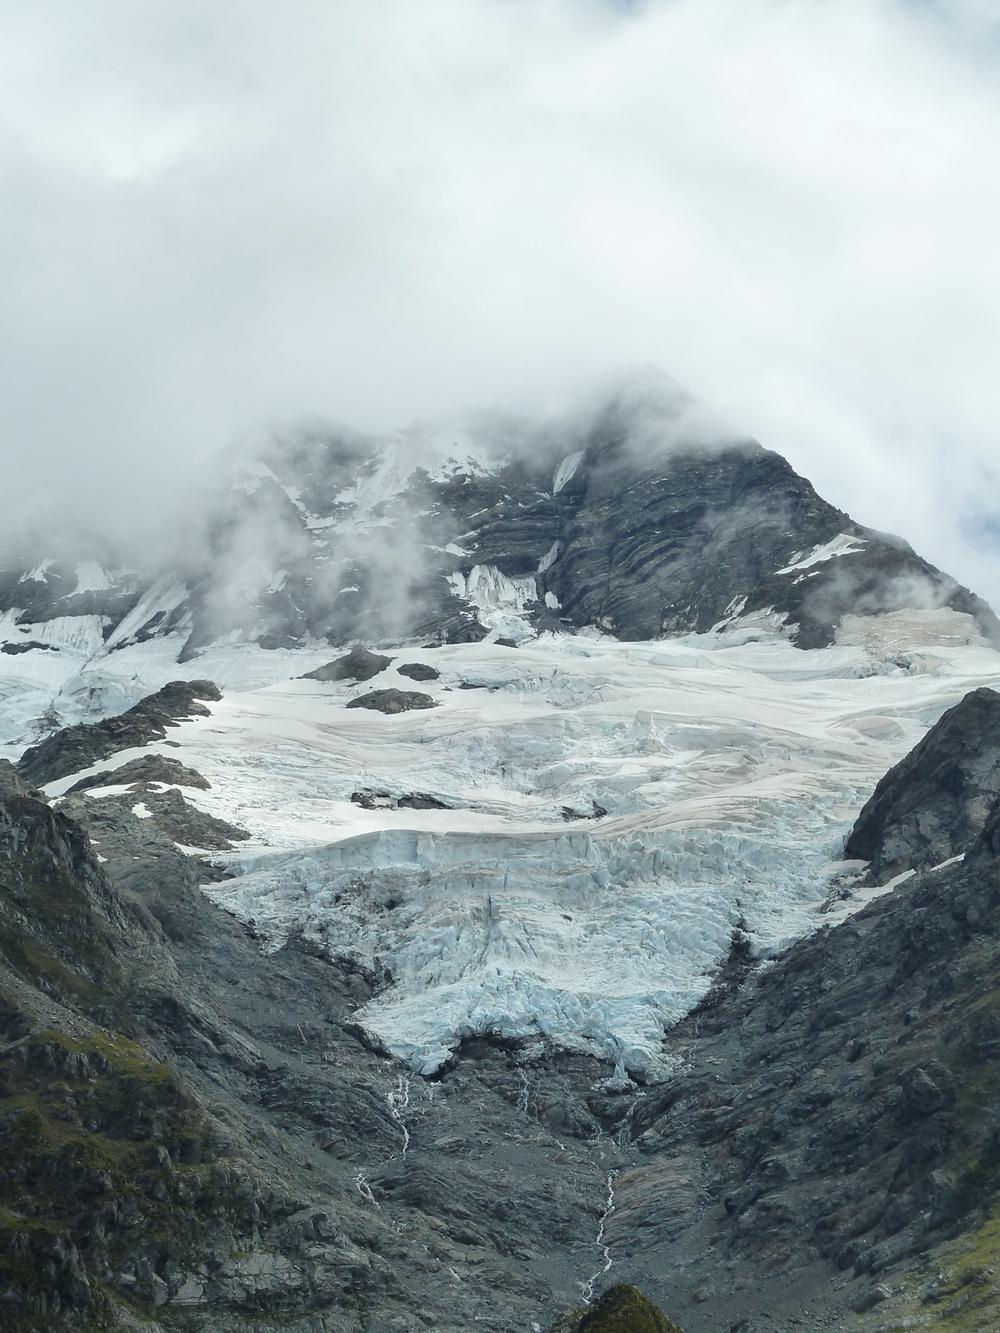 A Hanging Glacier